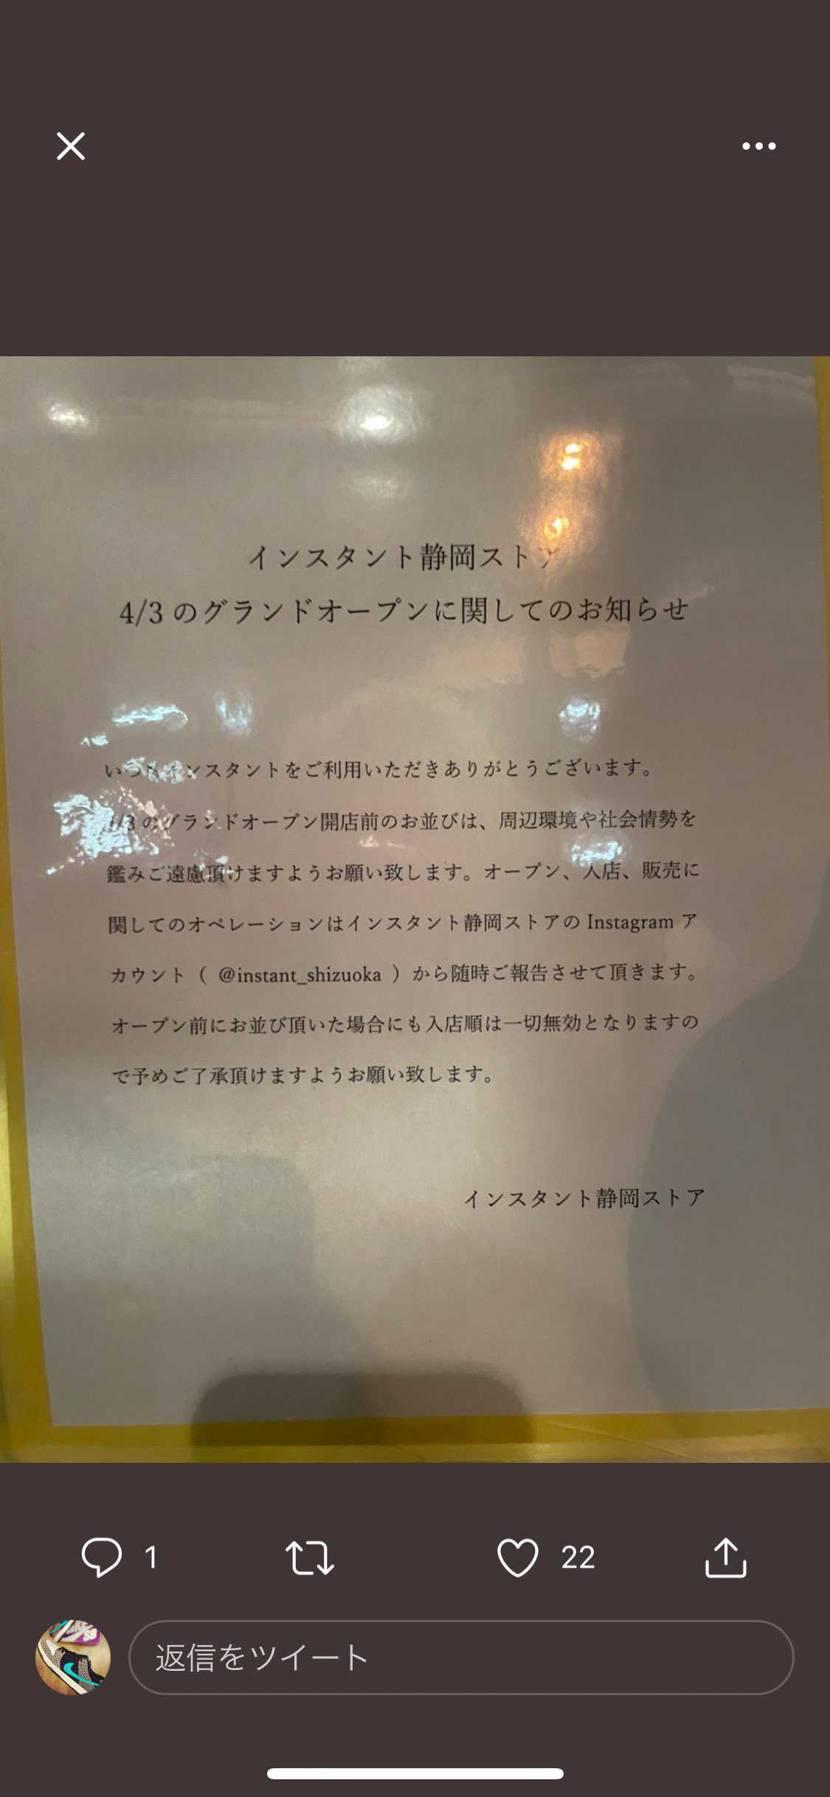 拾い画ですけど、インスタント静岡の前日並びは無効ですよー。